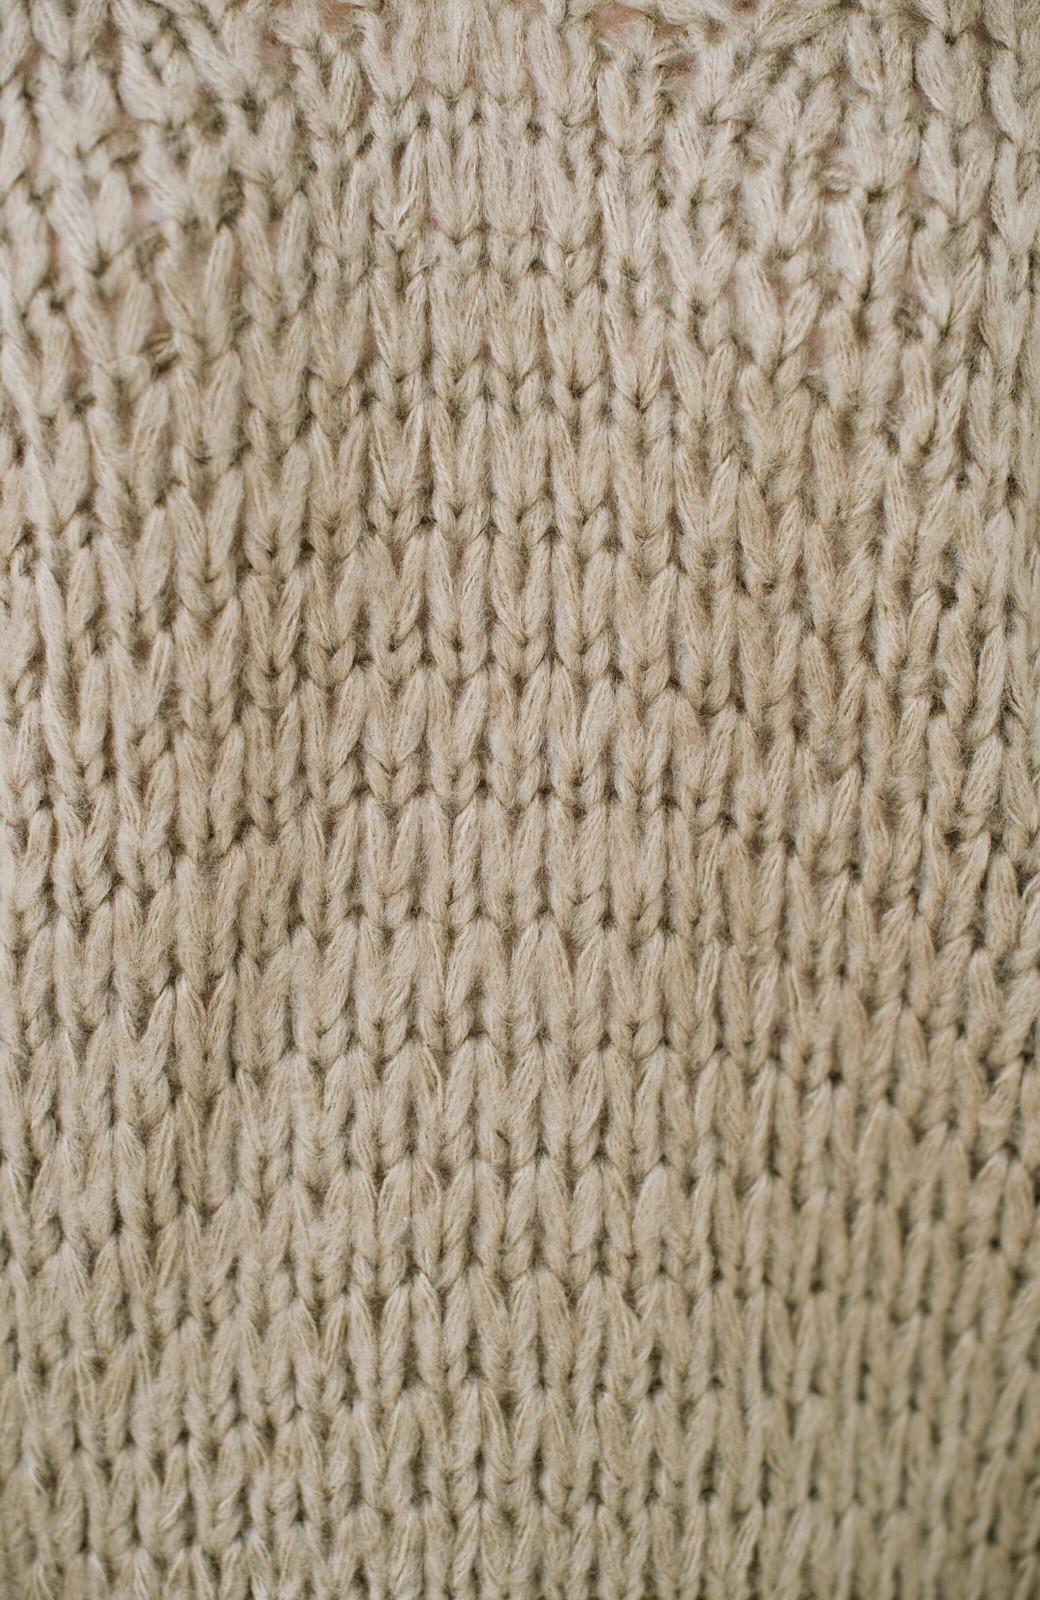 haco! 手編み風のざっくり感で女っぽい Vネックの甘編みルーズニット <グレイッシュベージュ>の商品写真5